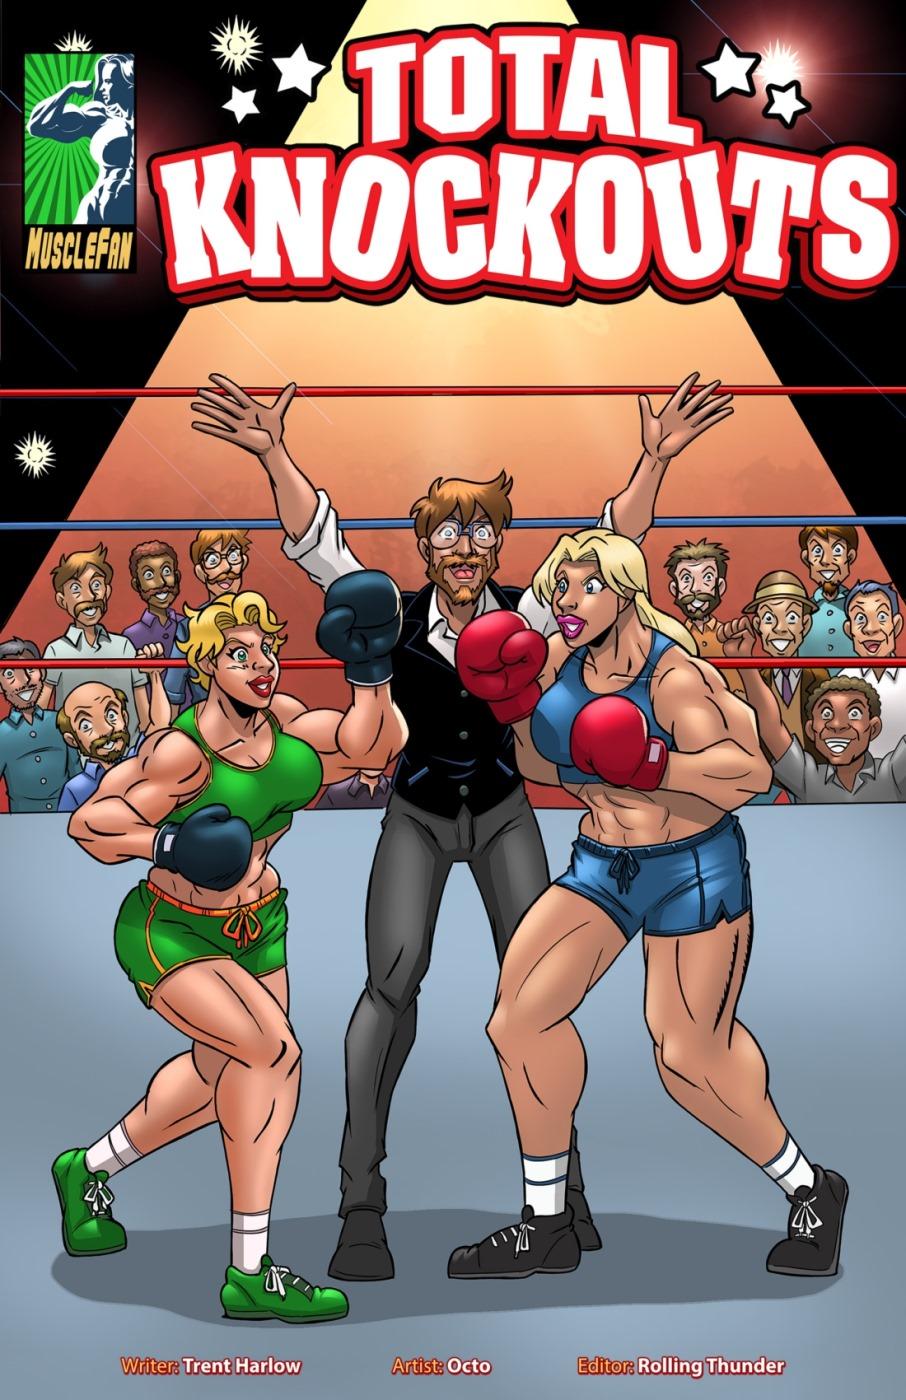 Total Knockouts 01- Muscle Fan image 1